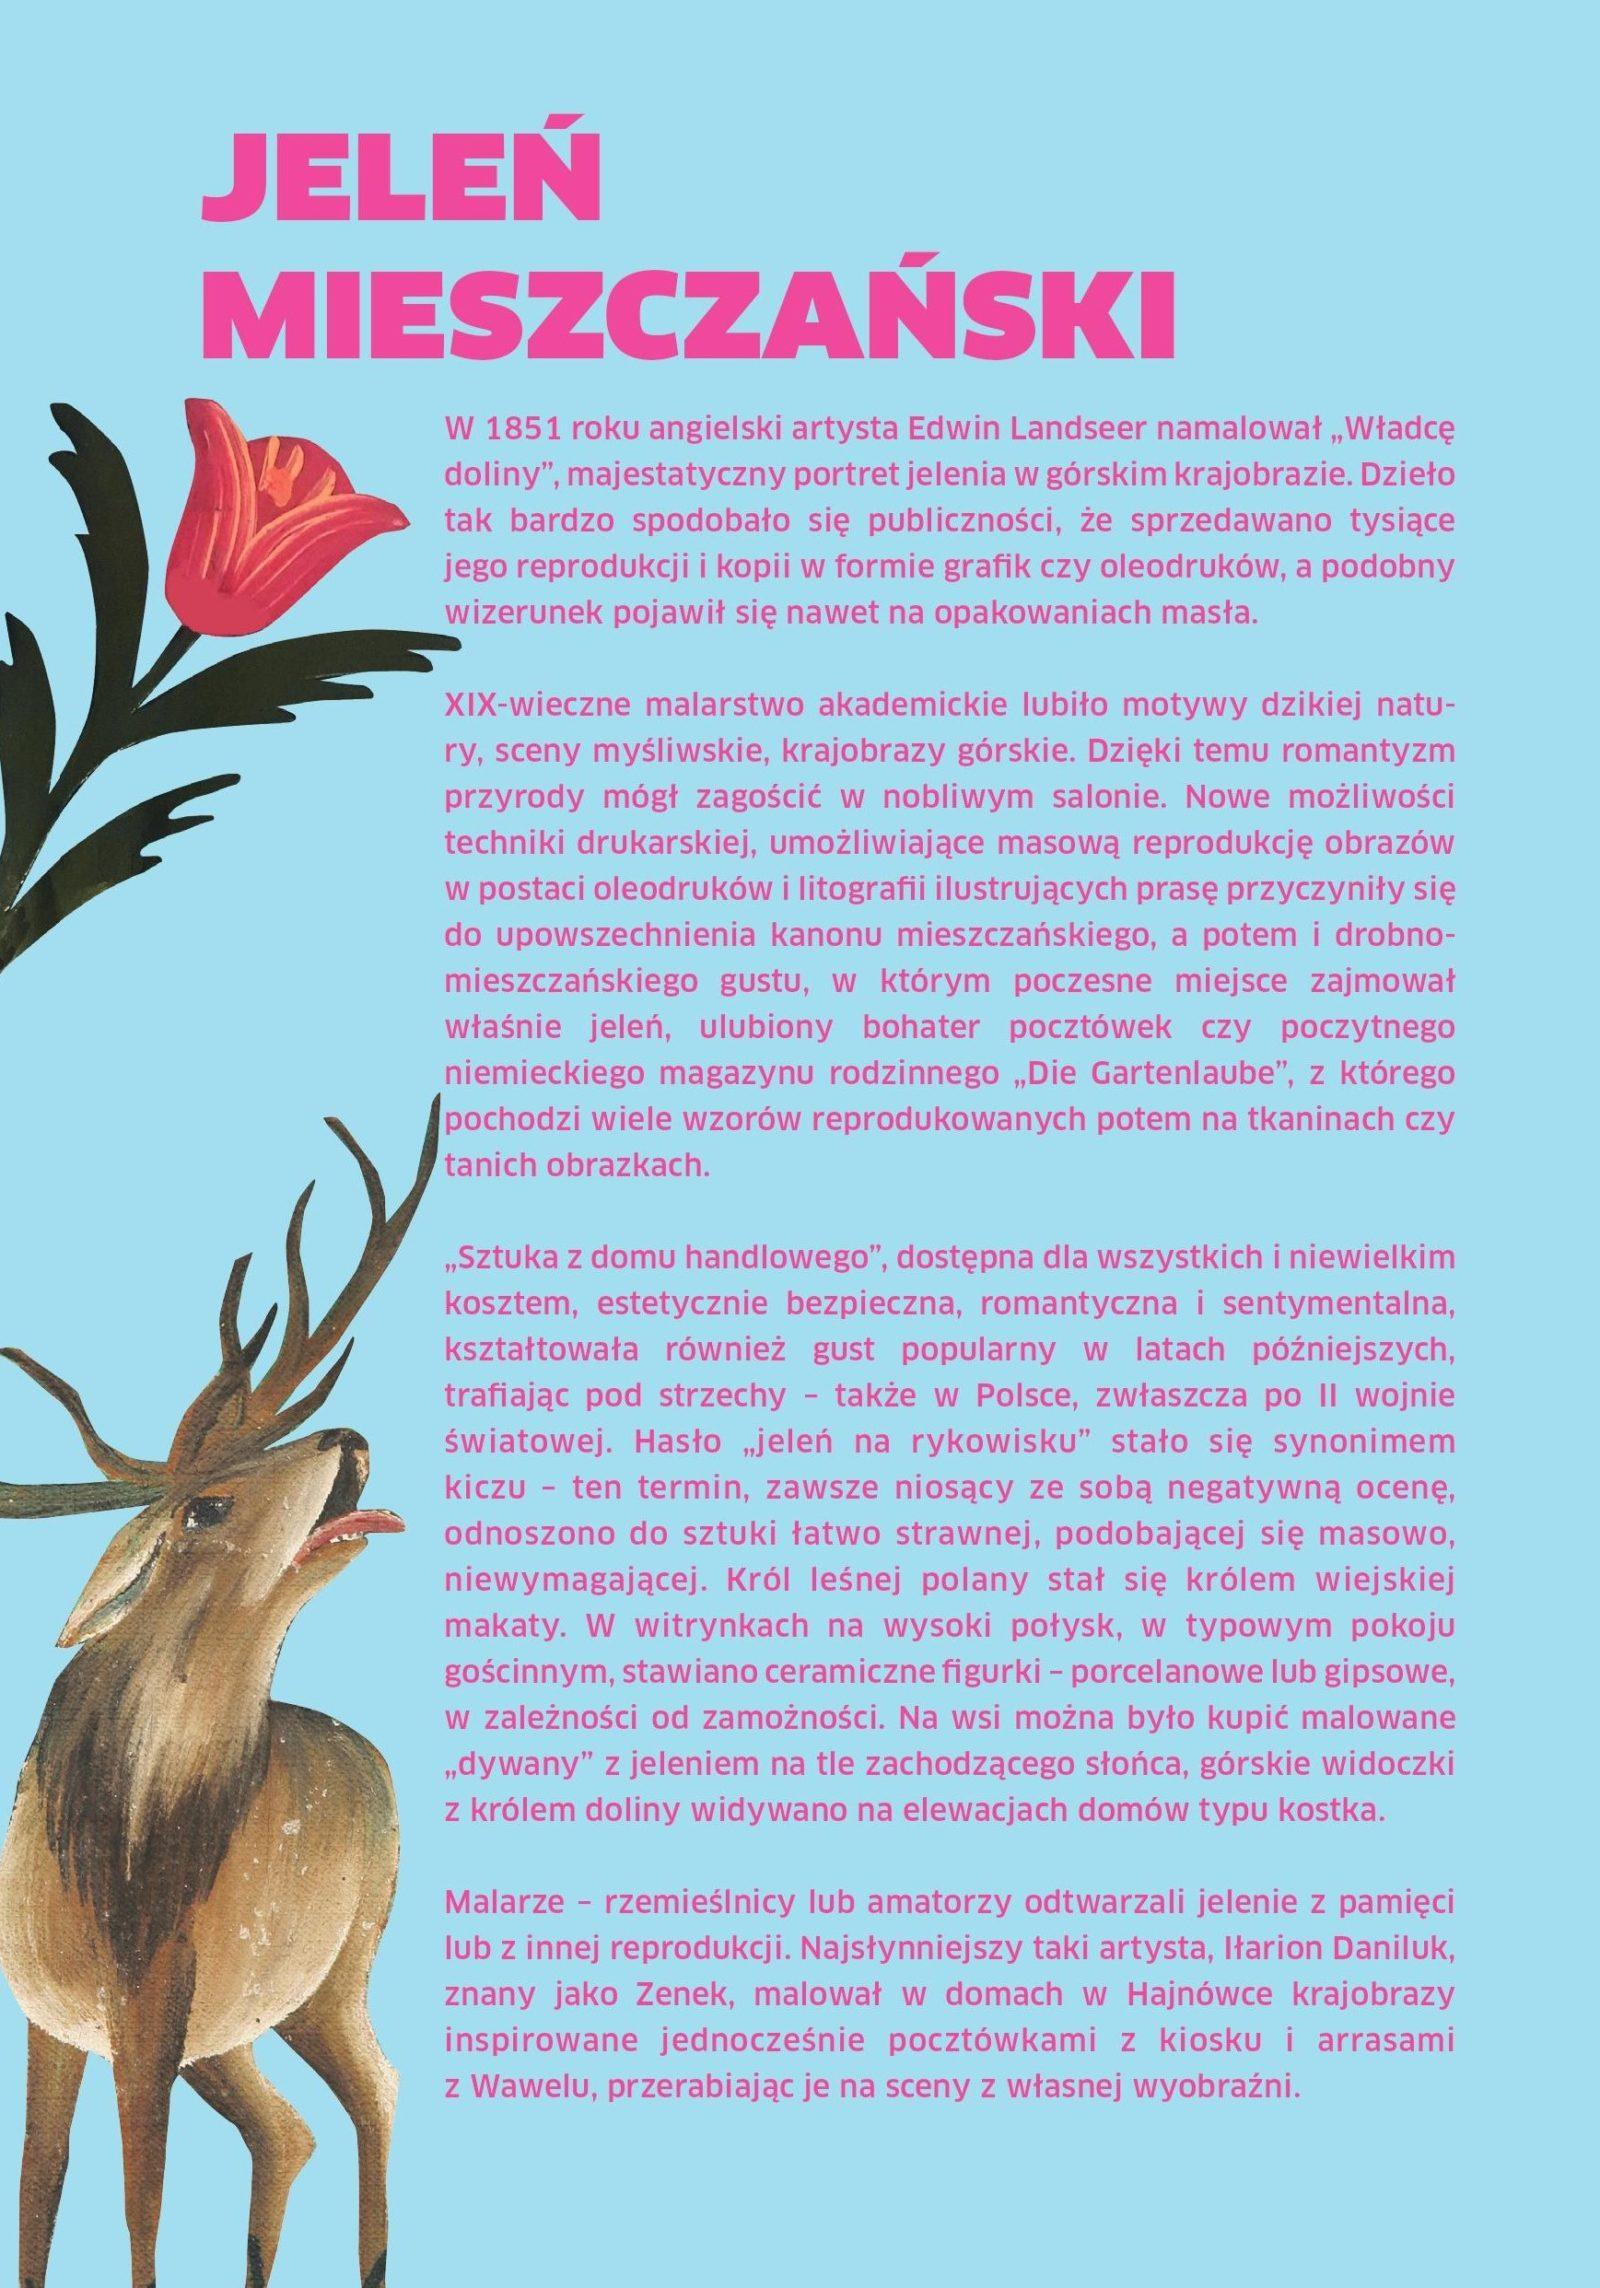 Strona ulotki zatytułowanej: Jeleń mieszczański. Jasnoniebieskie tło, obok tekstu widoczny wizerunek tulipana oraz ryczącego jelenia.